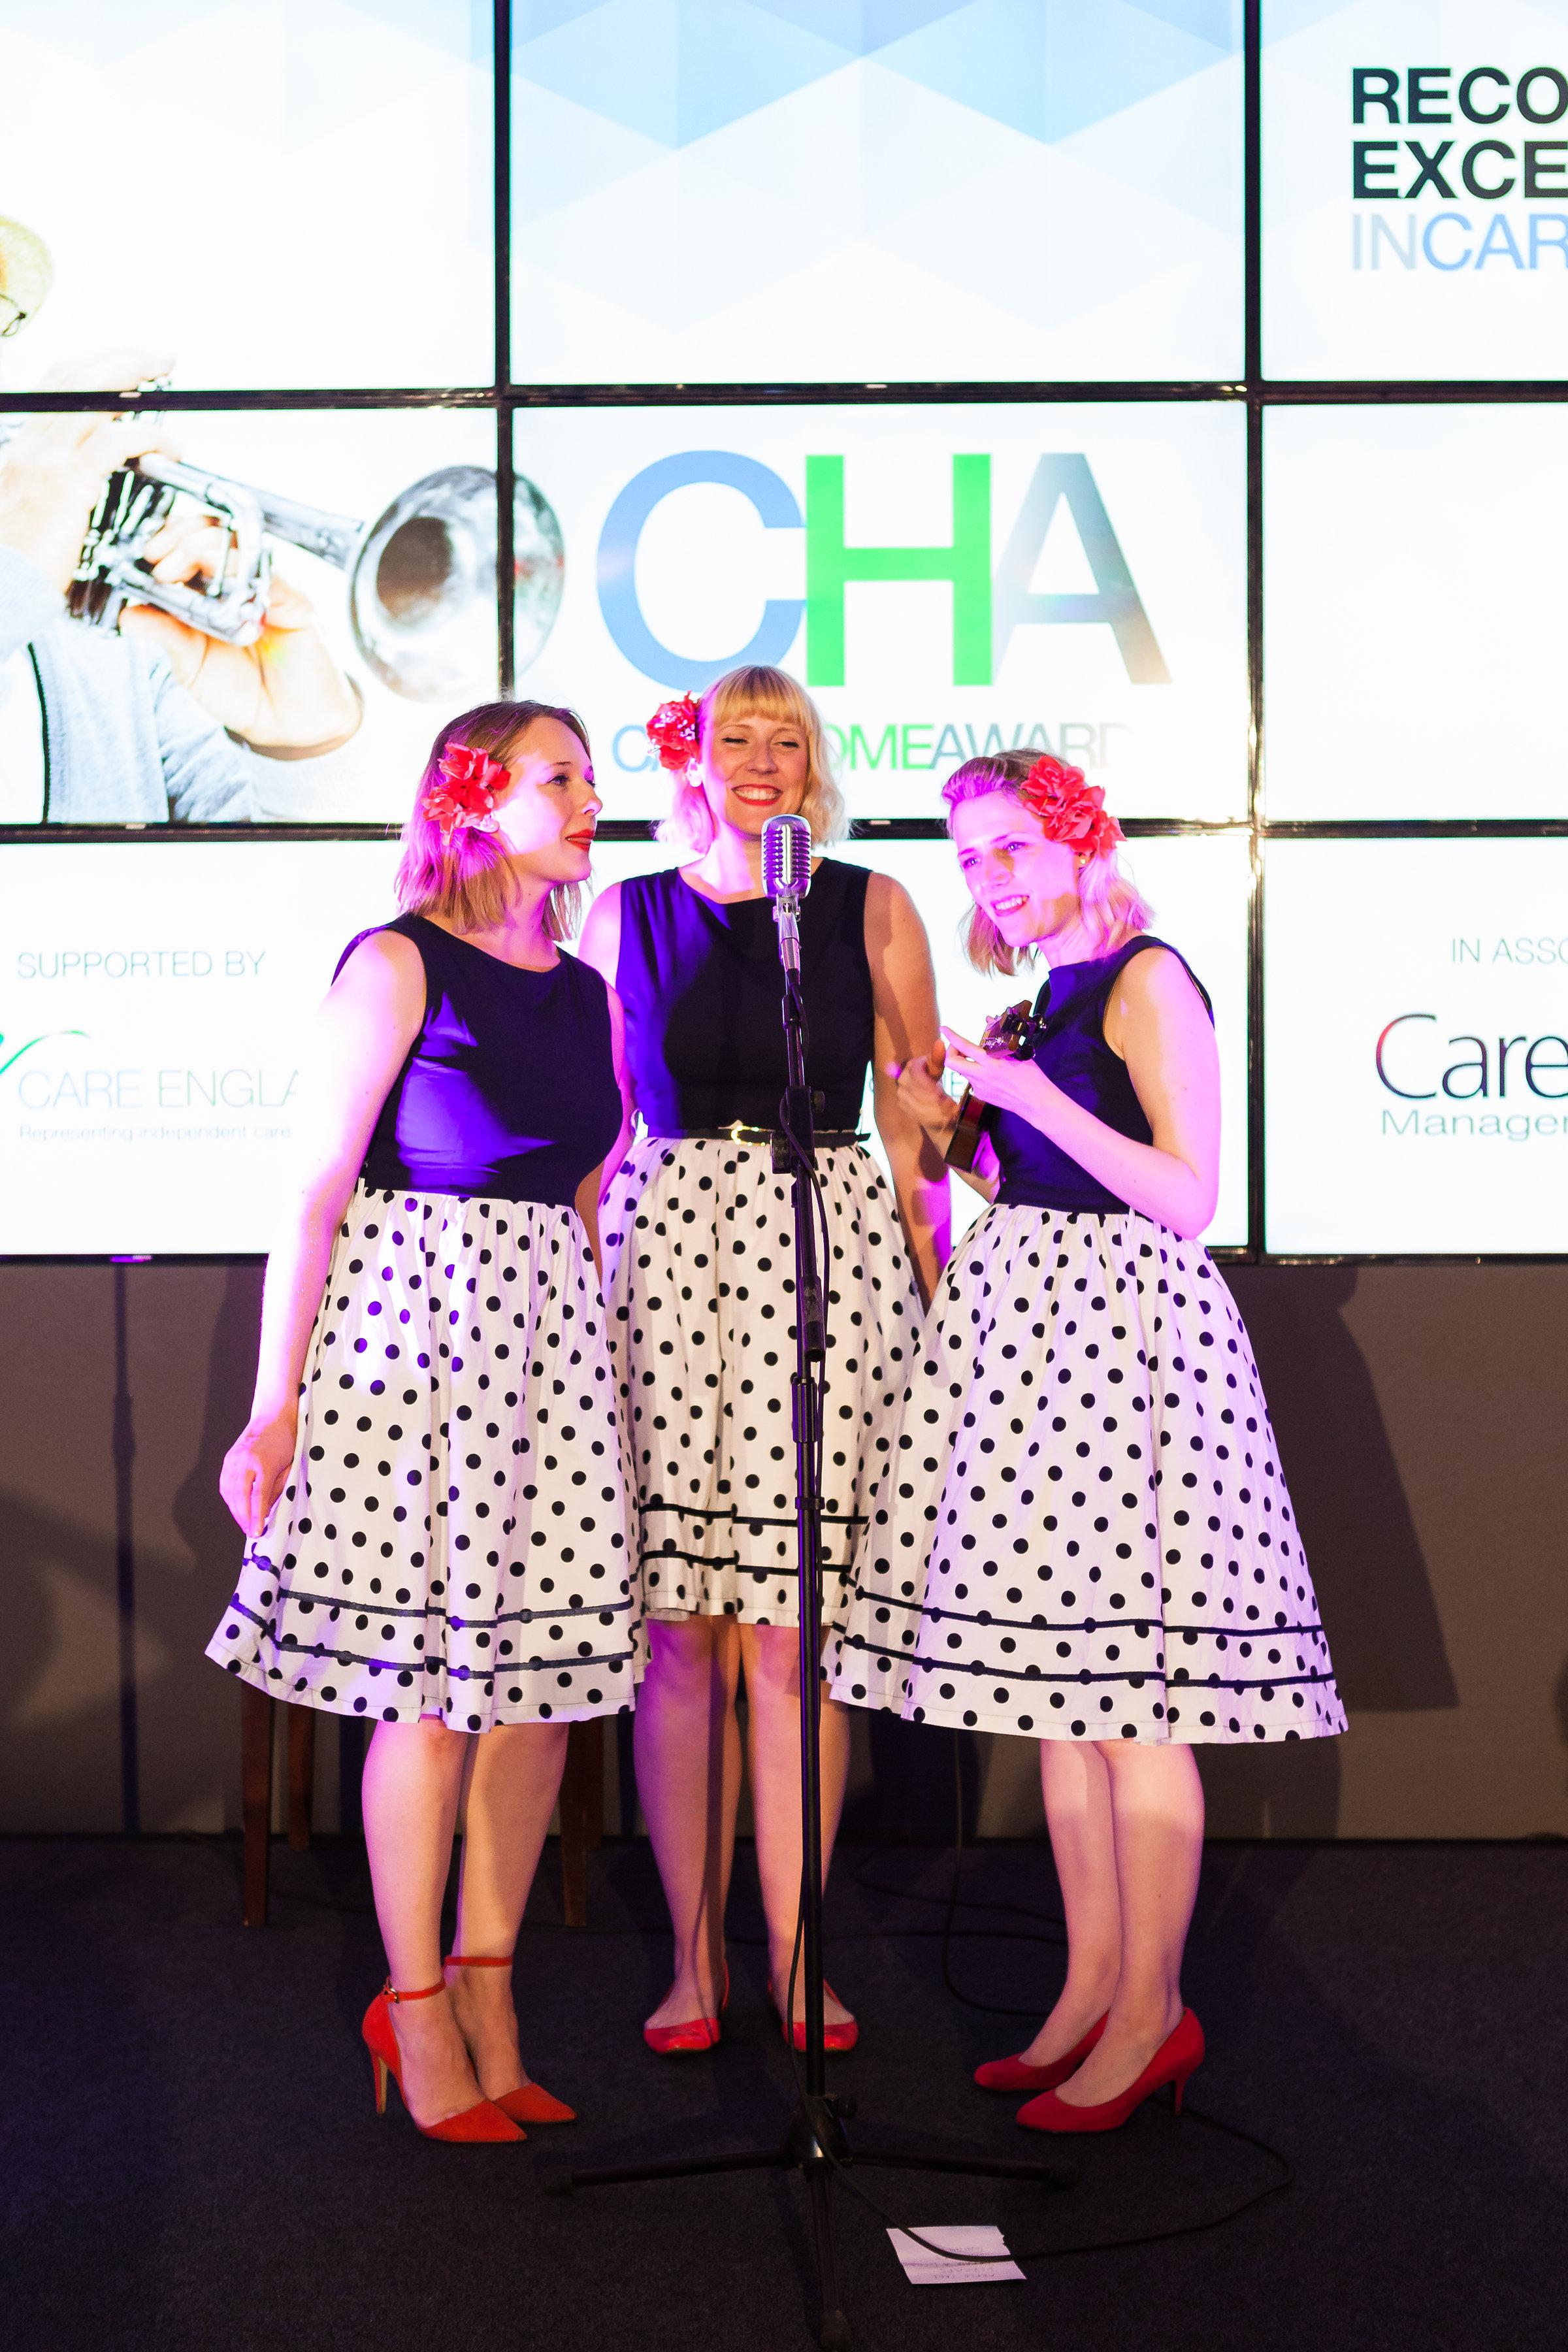 Care Home Awards 2017